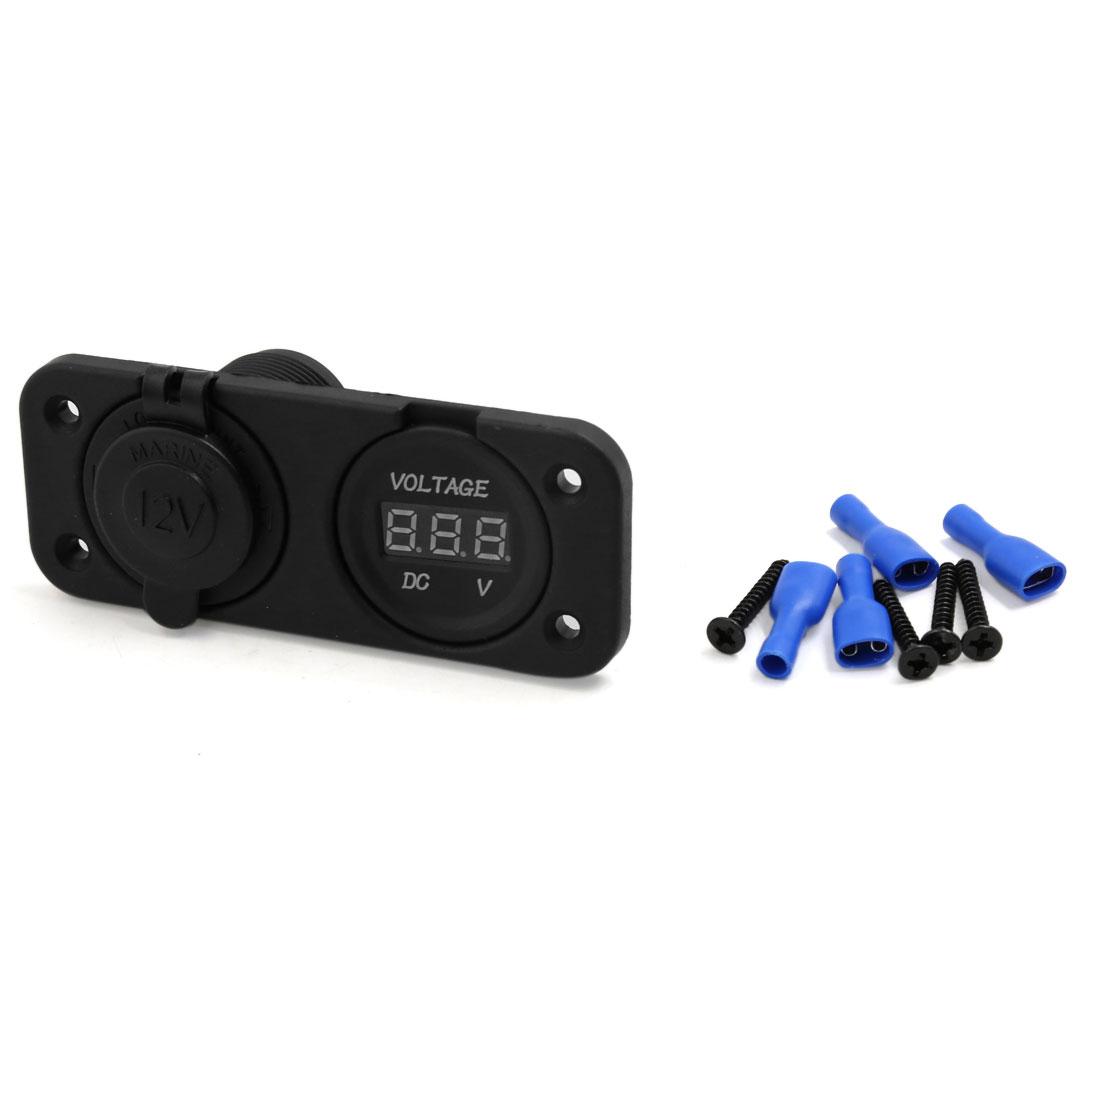 12V Cigarette Lighter Socket + Voltage Voltmeter Digital Black for Car Marine